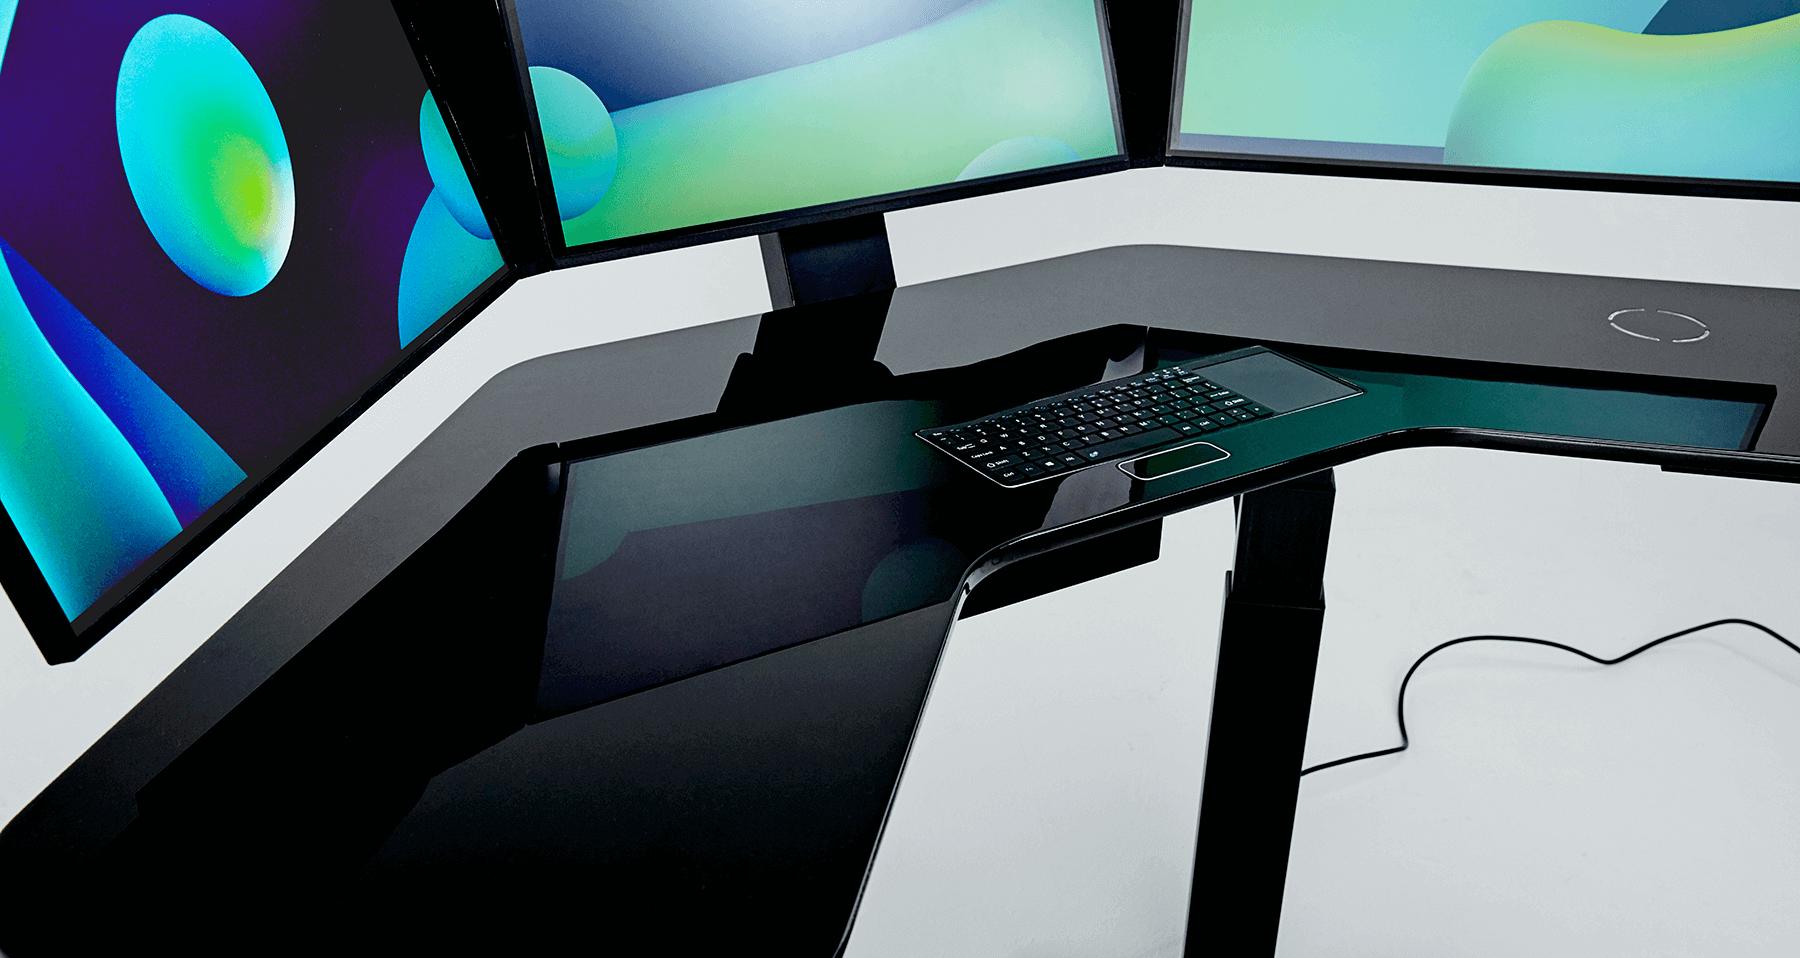 Cemtrex smart desk